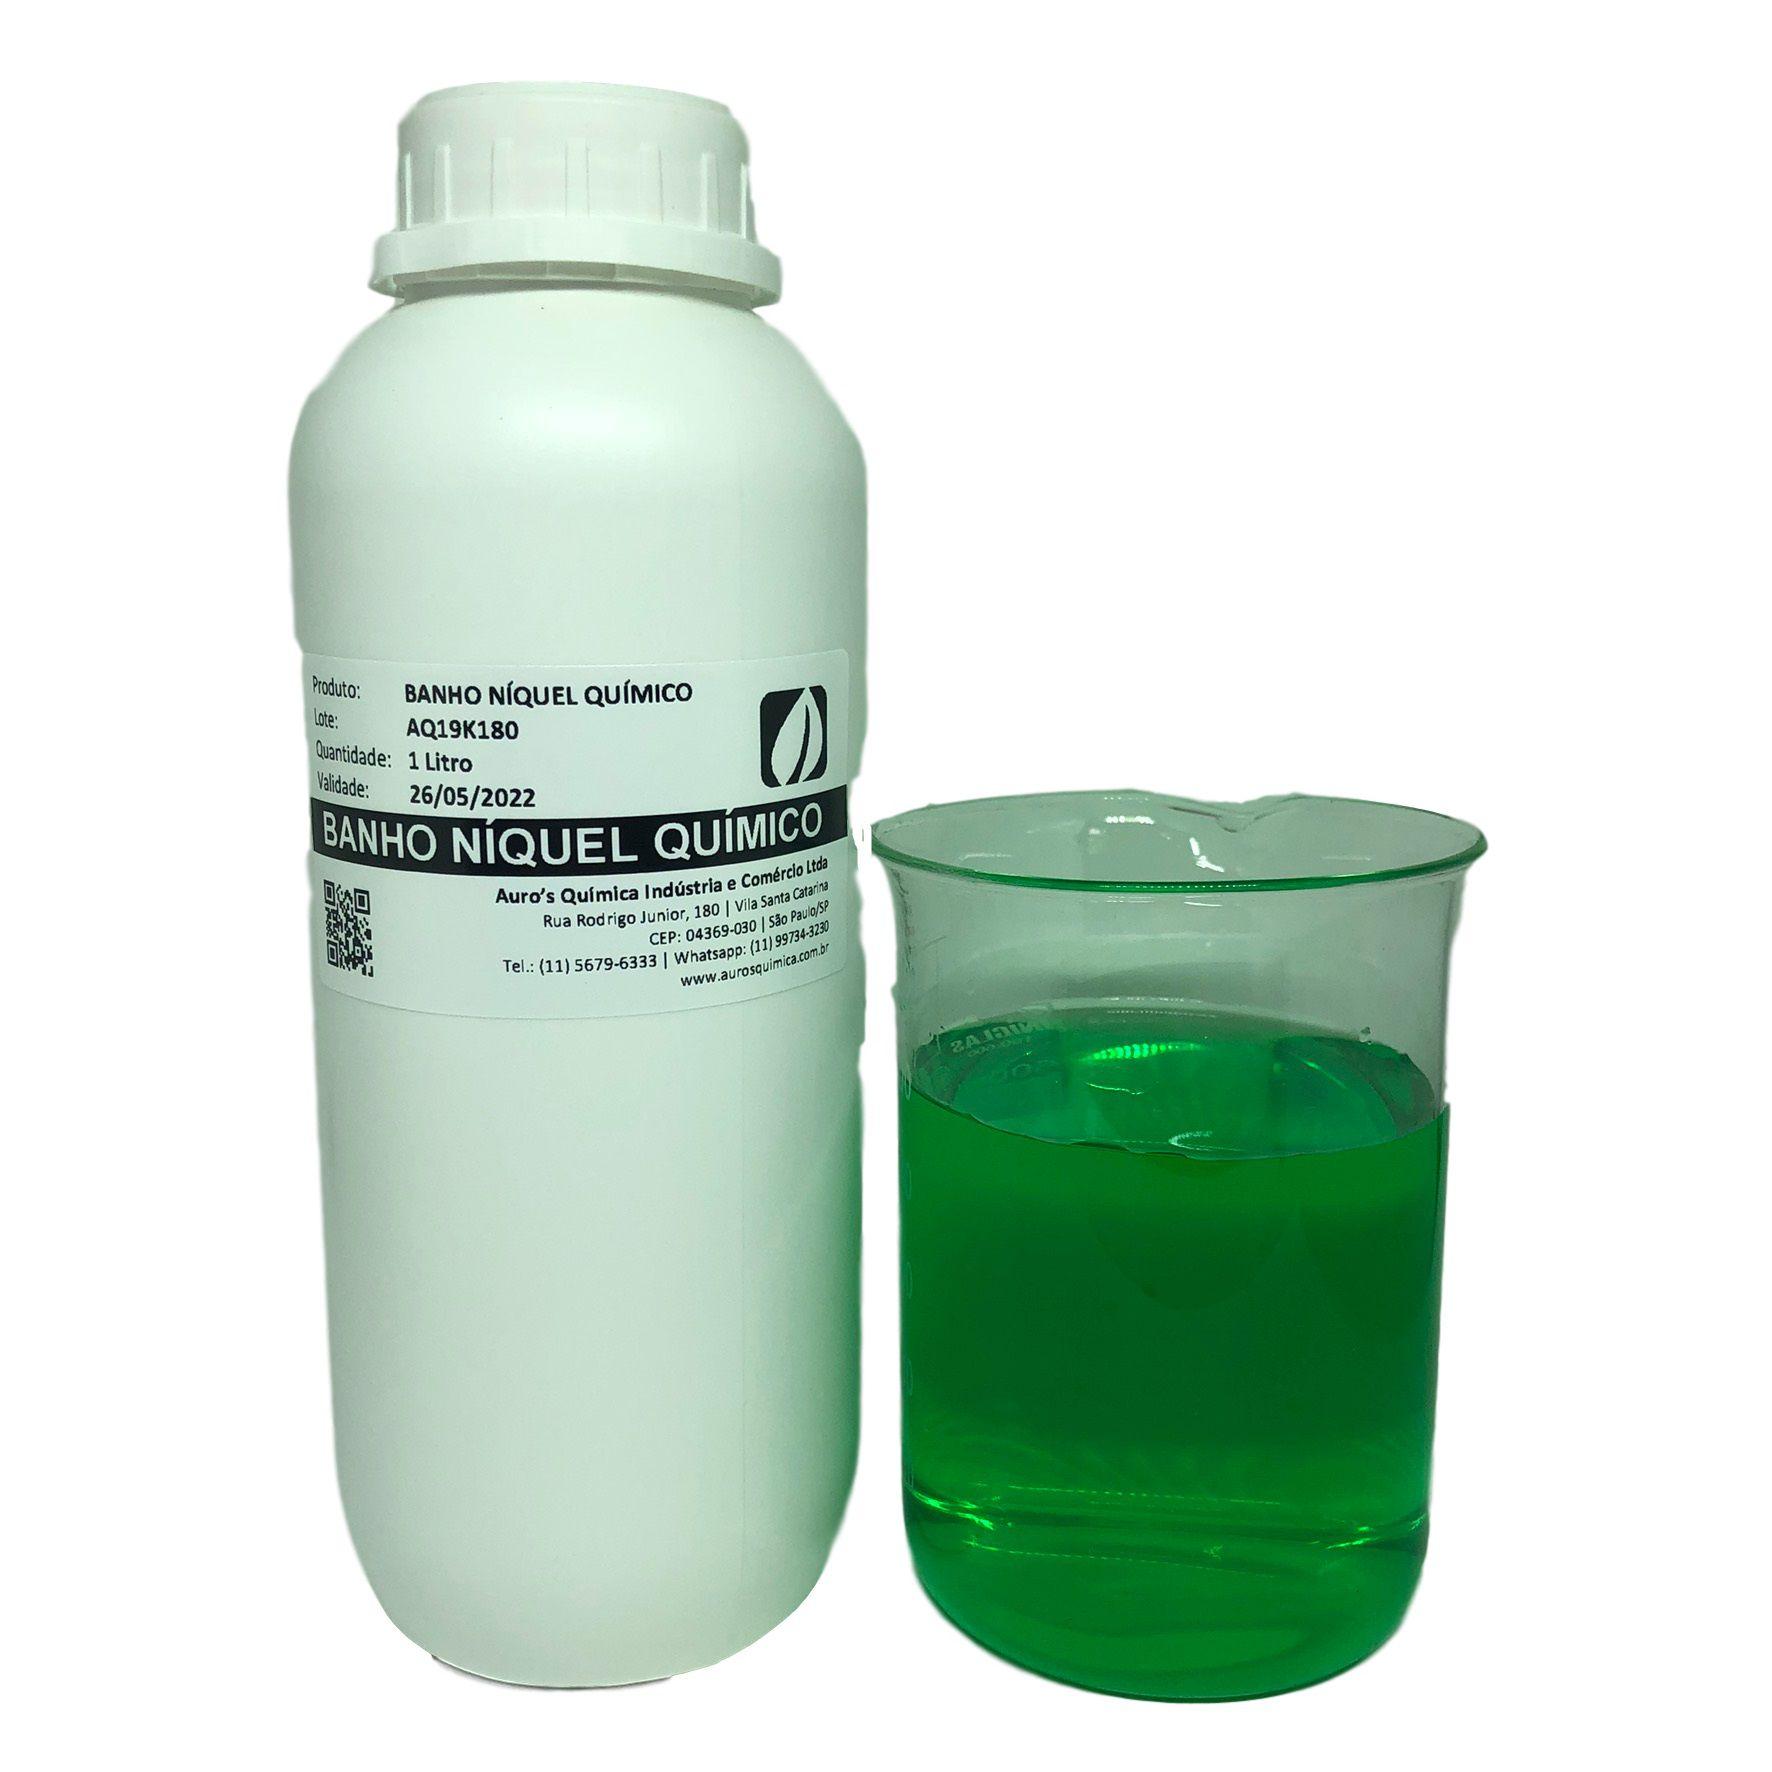 Kit Níquel Químico - 1 Litro